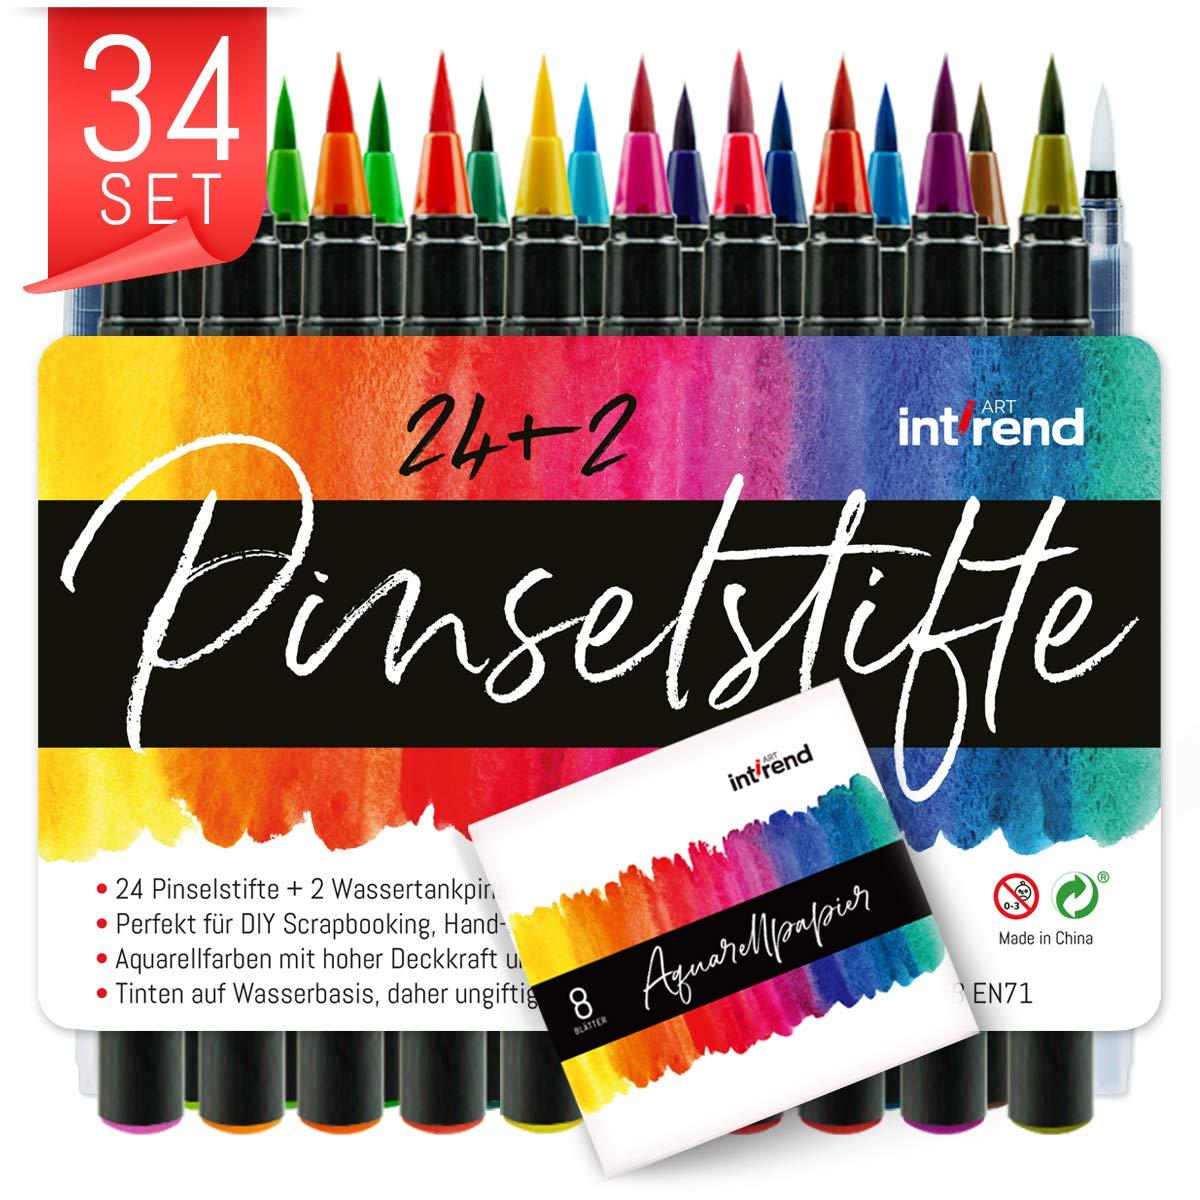 Pixnor Grande Spazzola Pelo di Capra calligrafia pennello Sumi disegno pennello per maggiori regelmaessige Script calligrafia